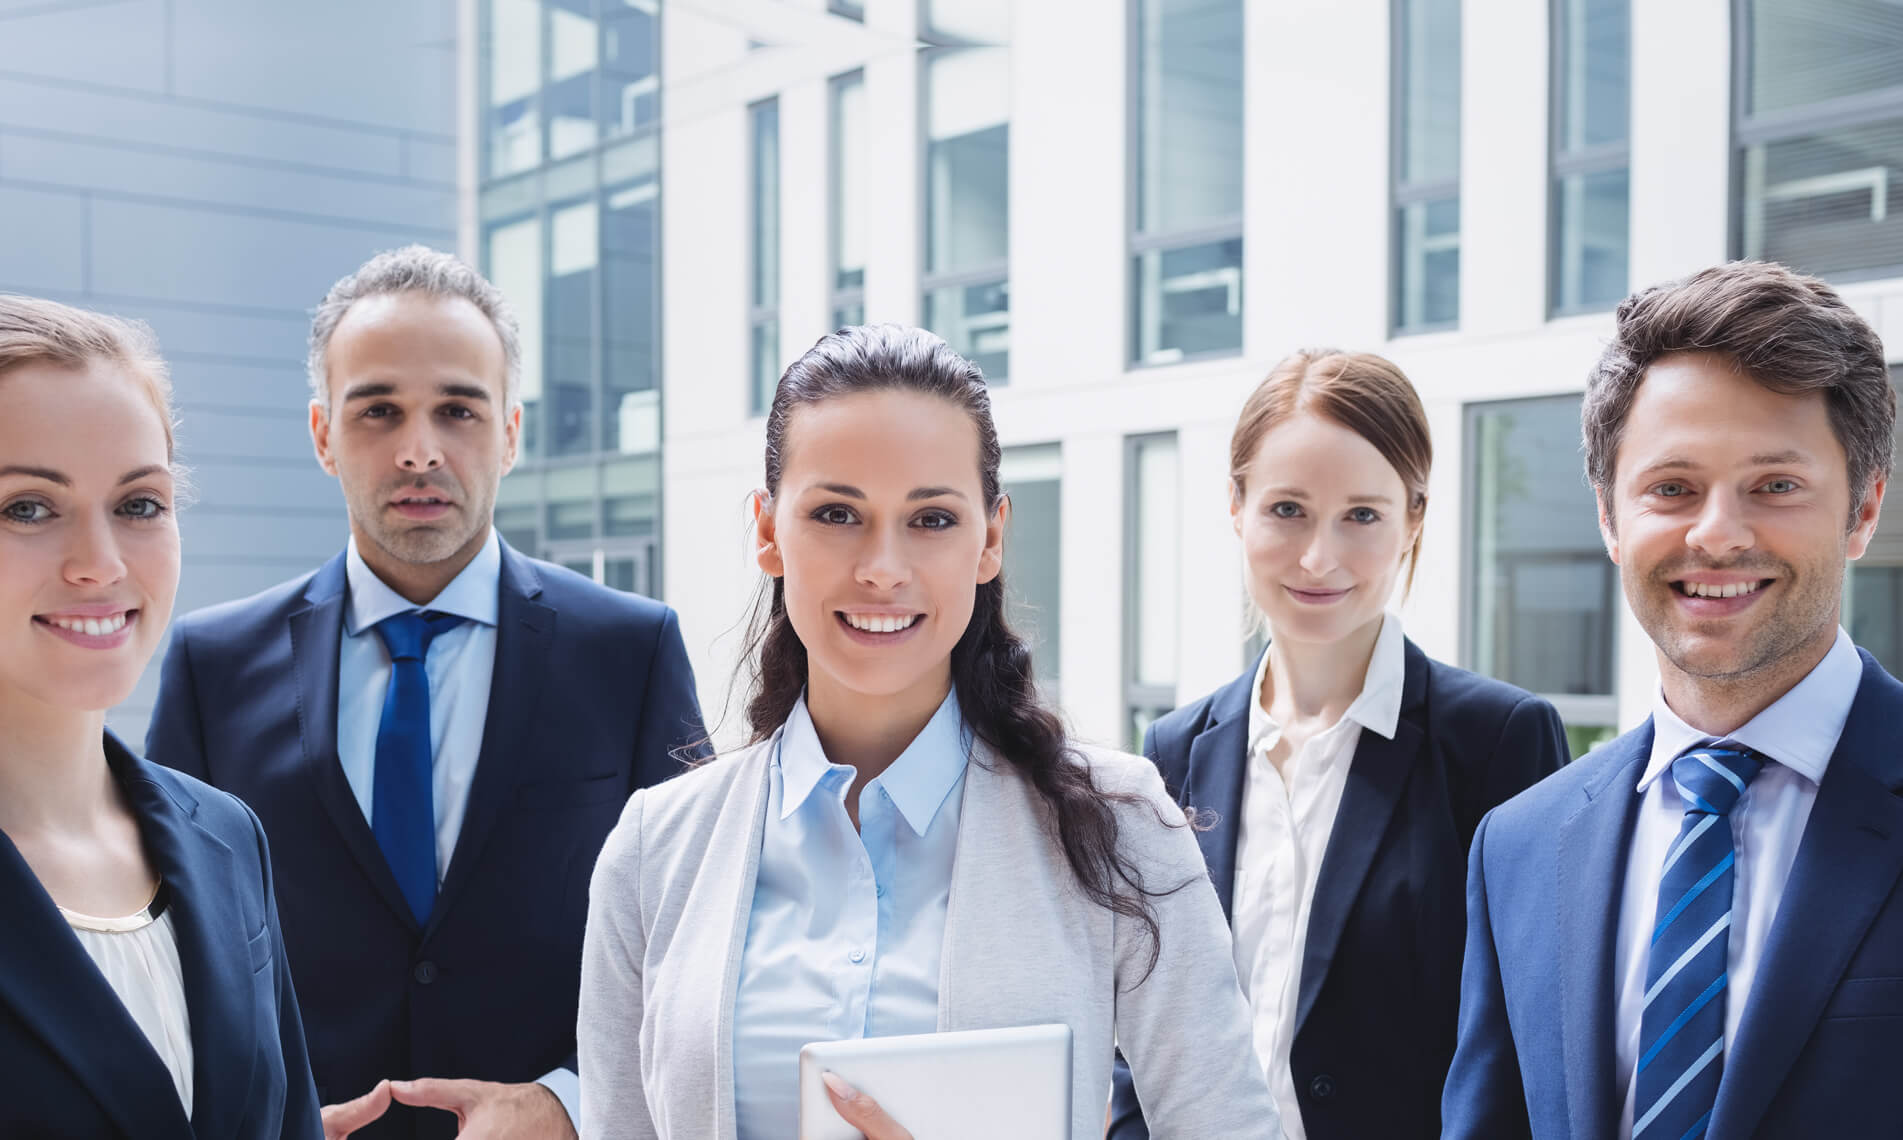 Saha Satışında Plasiyer ve Yöneticinin İletişimi Nasıl Olmalı?